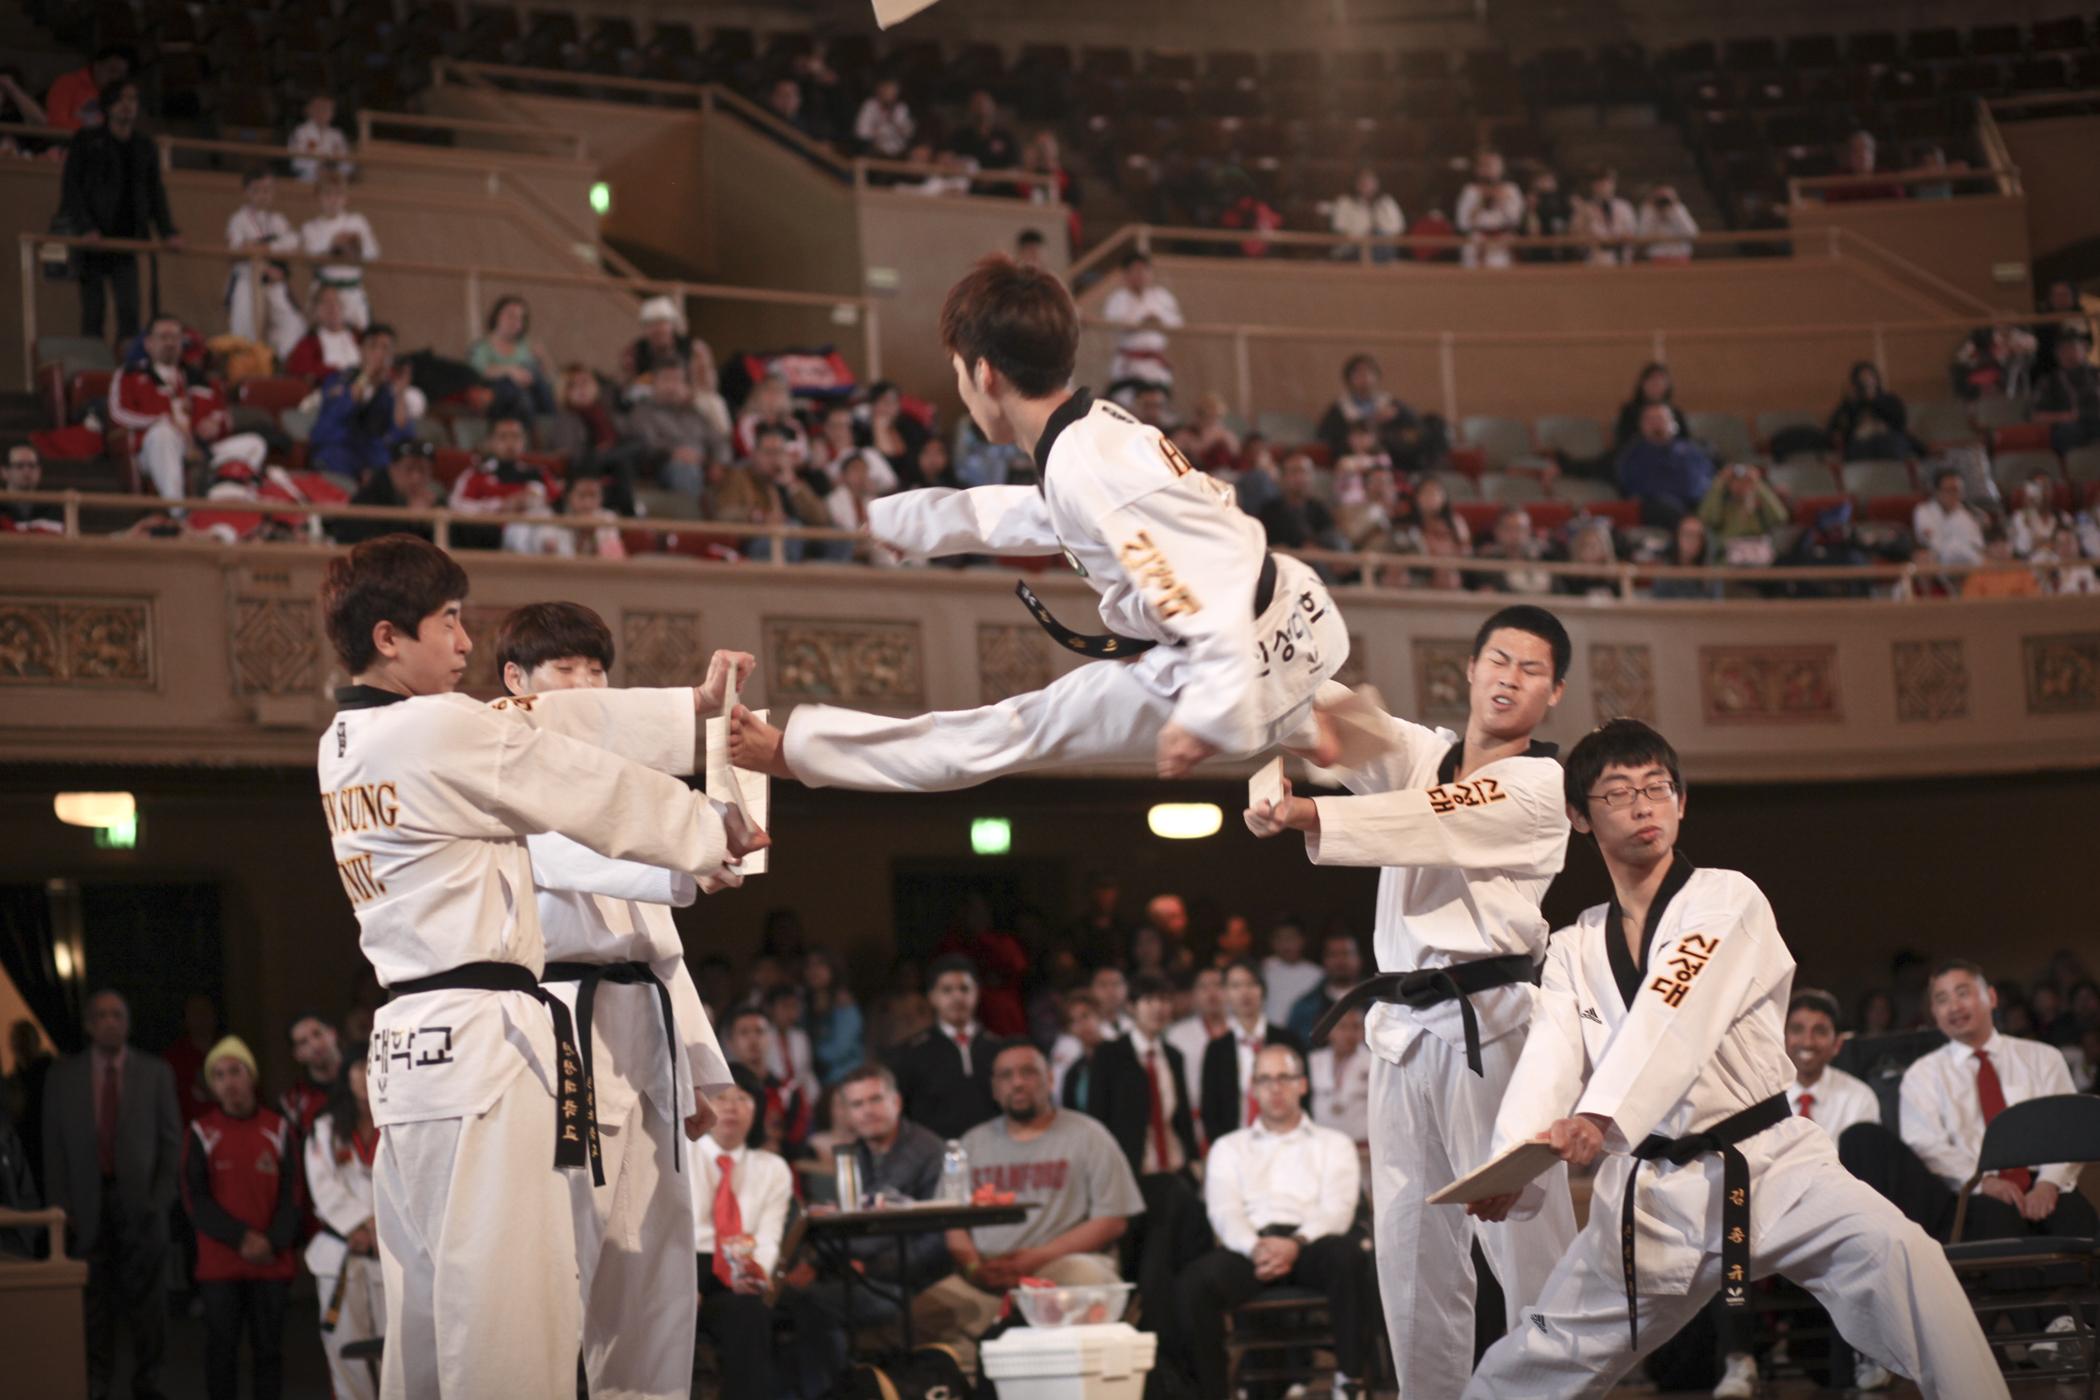 2014 Sacramento Invitational Taekwondo Championships